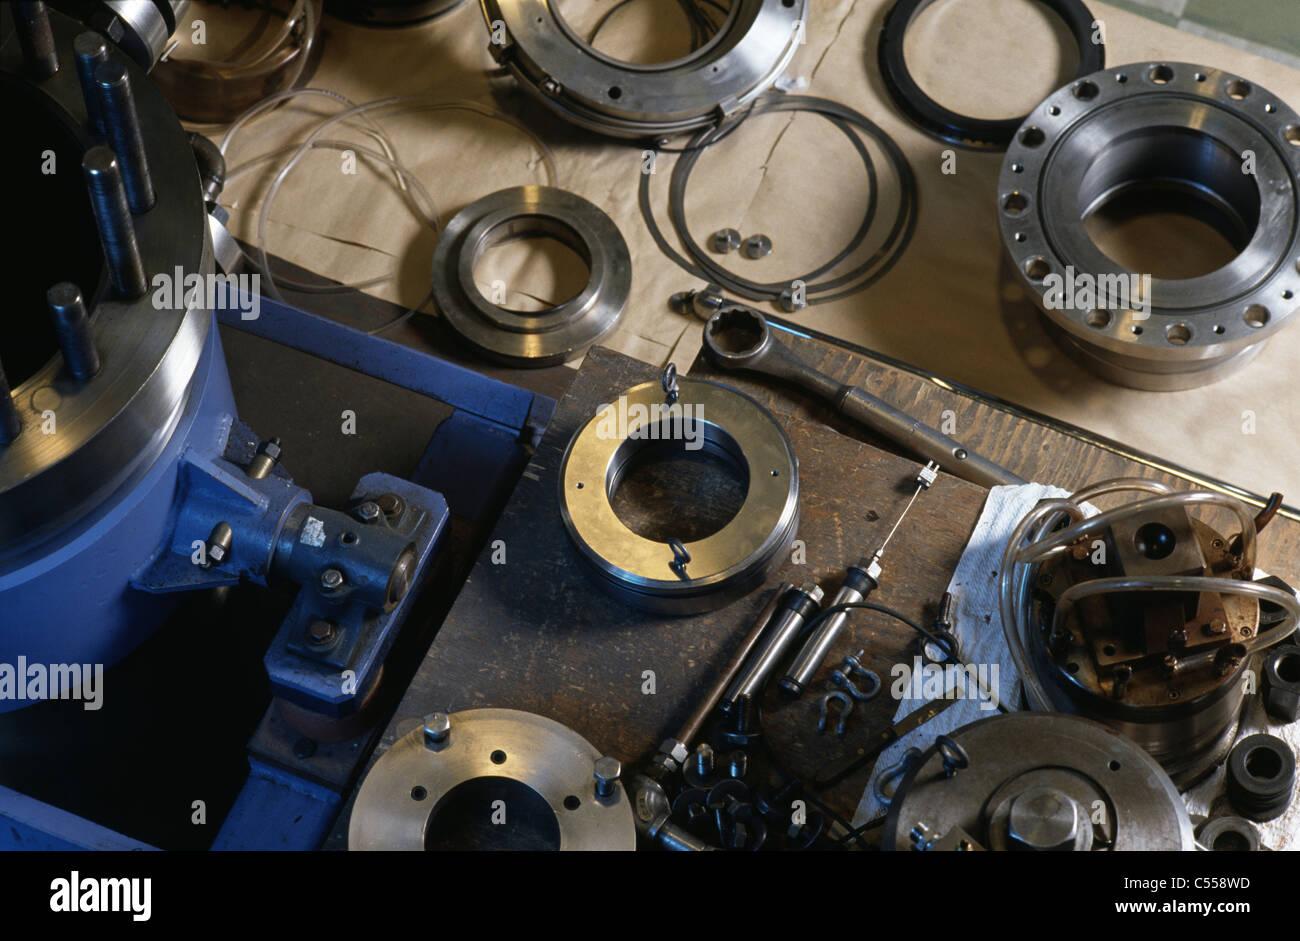 L'inspection mécanique bagues d'équiper. Dvlpnt. Lab Laboratoire nucléaire de Chalk River, Ontario, Canada Banque D'Images